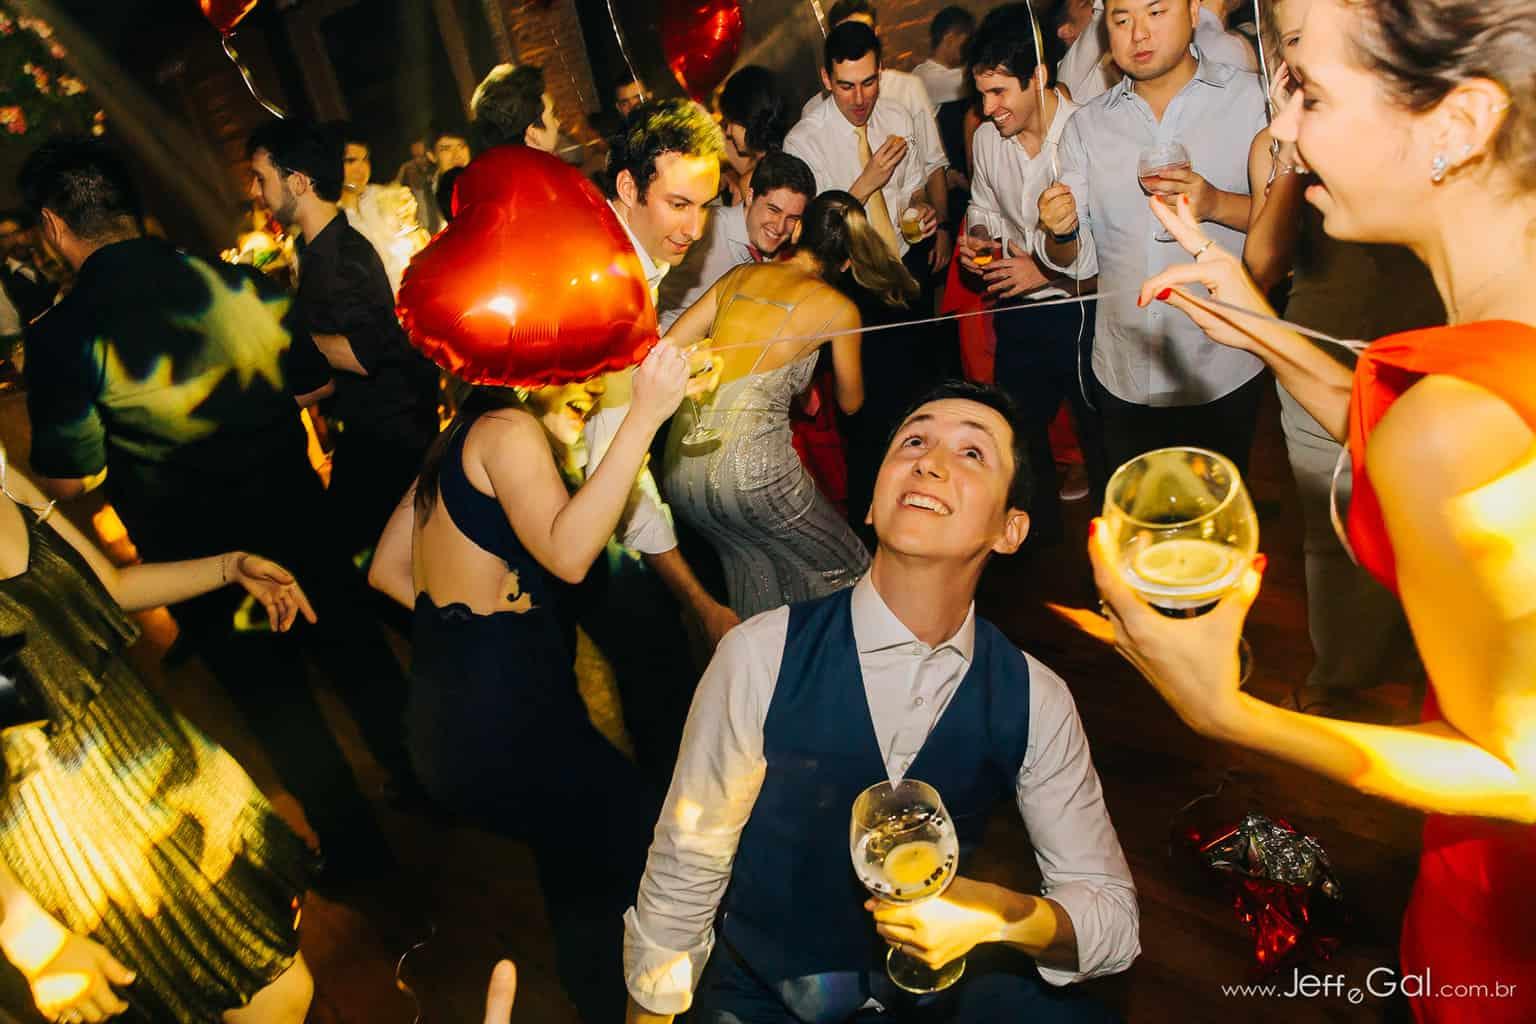 baloes-na-pista-casamento-Beth-e-Daniel-festa-de-casamento80